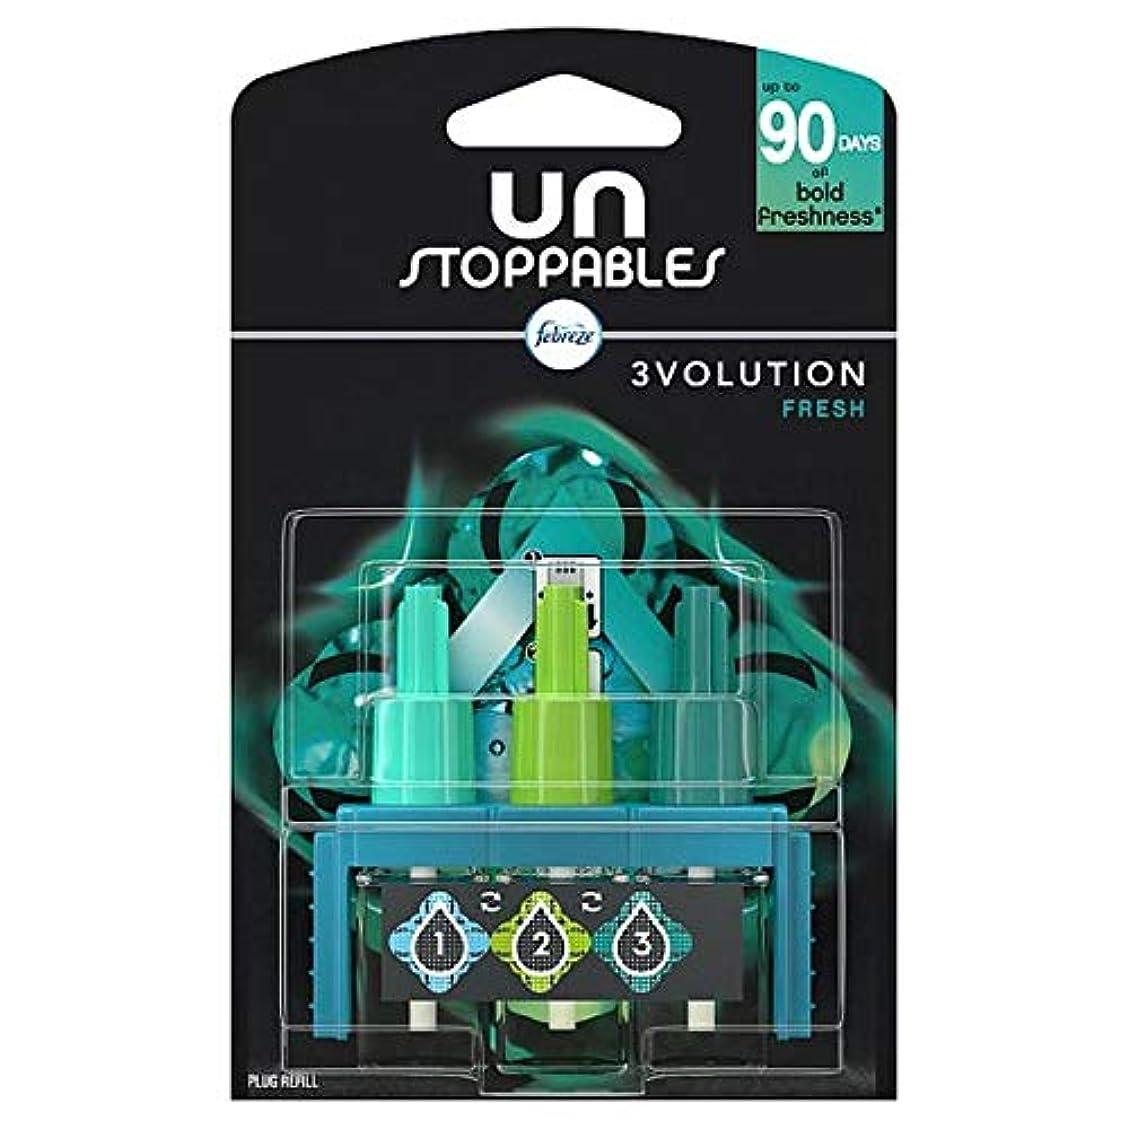 文法解放する支配的[Febreze] リフィル20ミリリットルでUnstoppables 3Volution新鮮なプラグイン - Unstoppables 3Volution Fresh Plug In Refill 20Ml [並行輸入品]